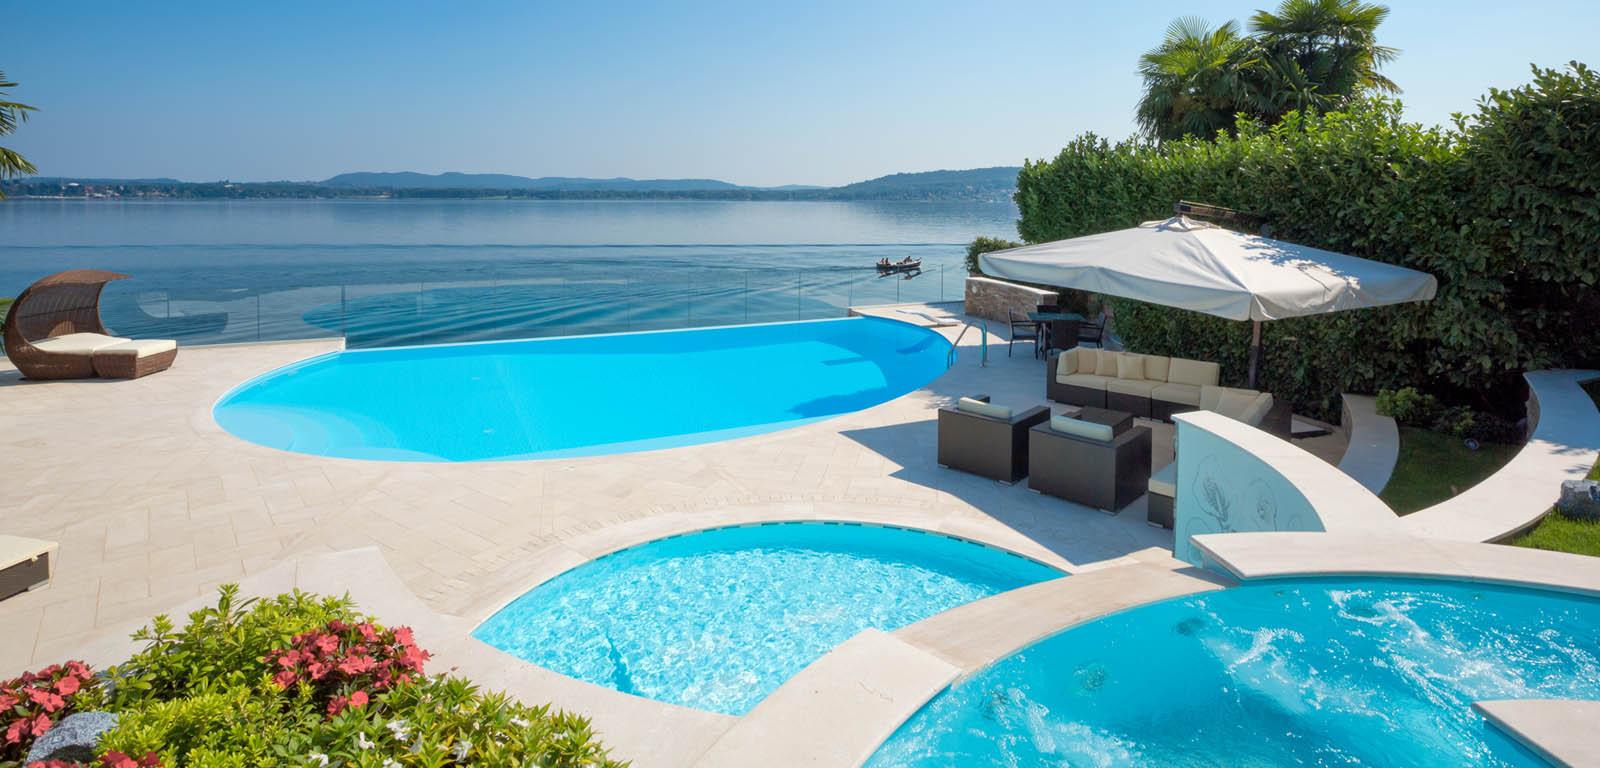 RELLUX costruzione piscine verona vendita e assistenza